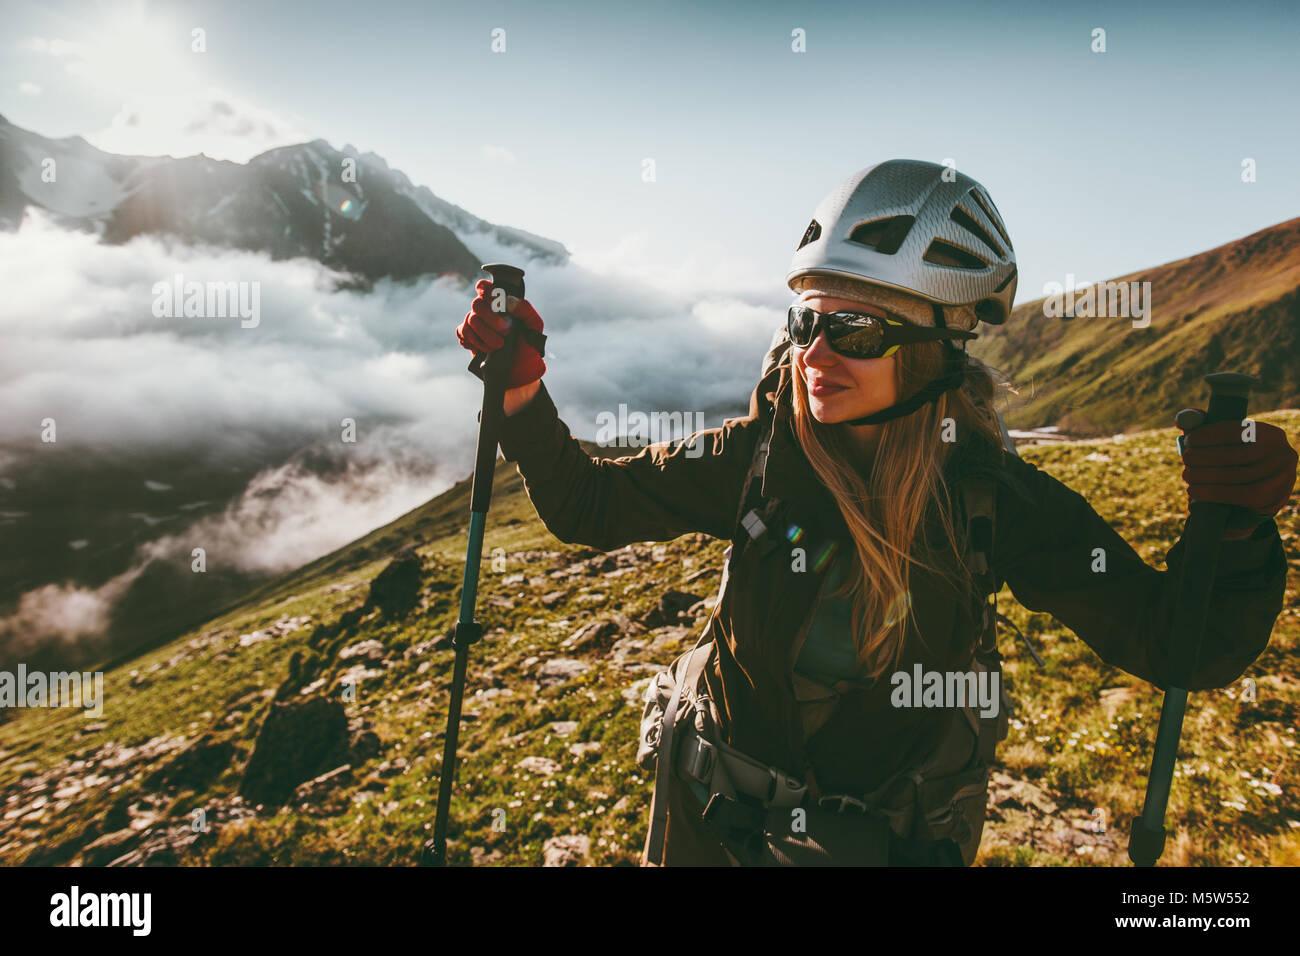 Mujer alegre y disfrutando del paisaje de las montañas al atardecer Viajes Vida sana aventura concepto activa Imagen De Stock